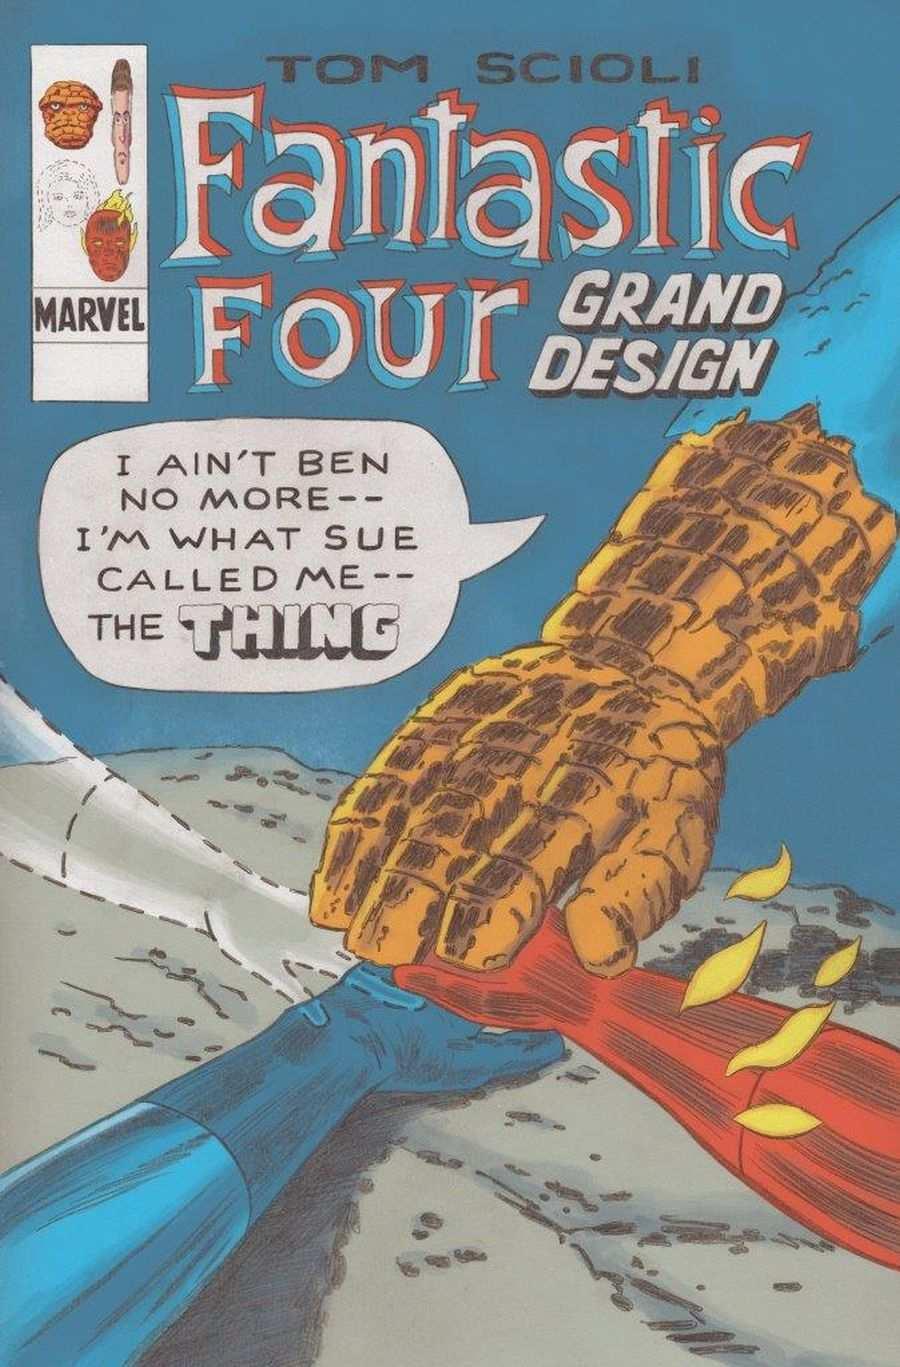 tom scioli fantastic four grand design 01 1177966